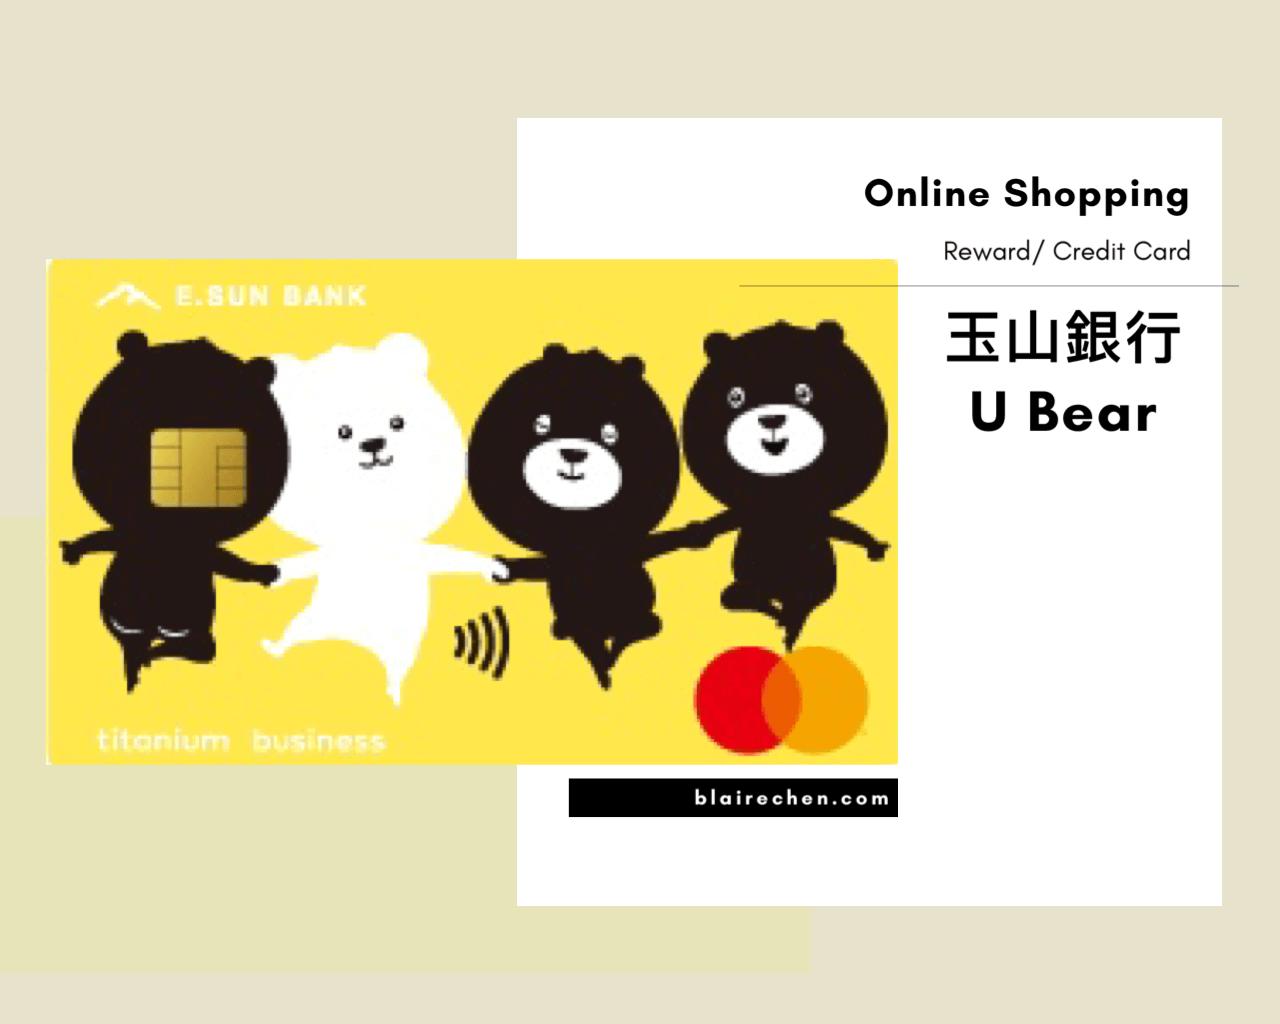 【2020/4 最新】網購可以更划算?你一定要知道的網購神卡,不出門也買得開心、還能賺回饋!